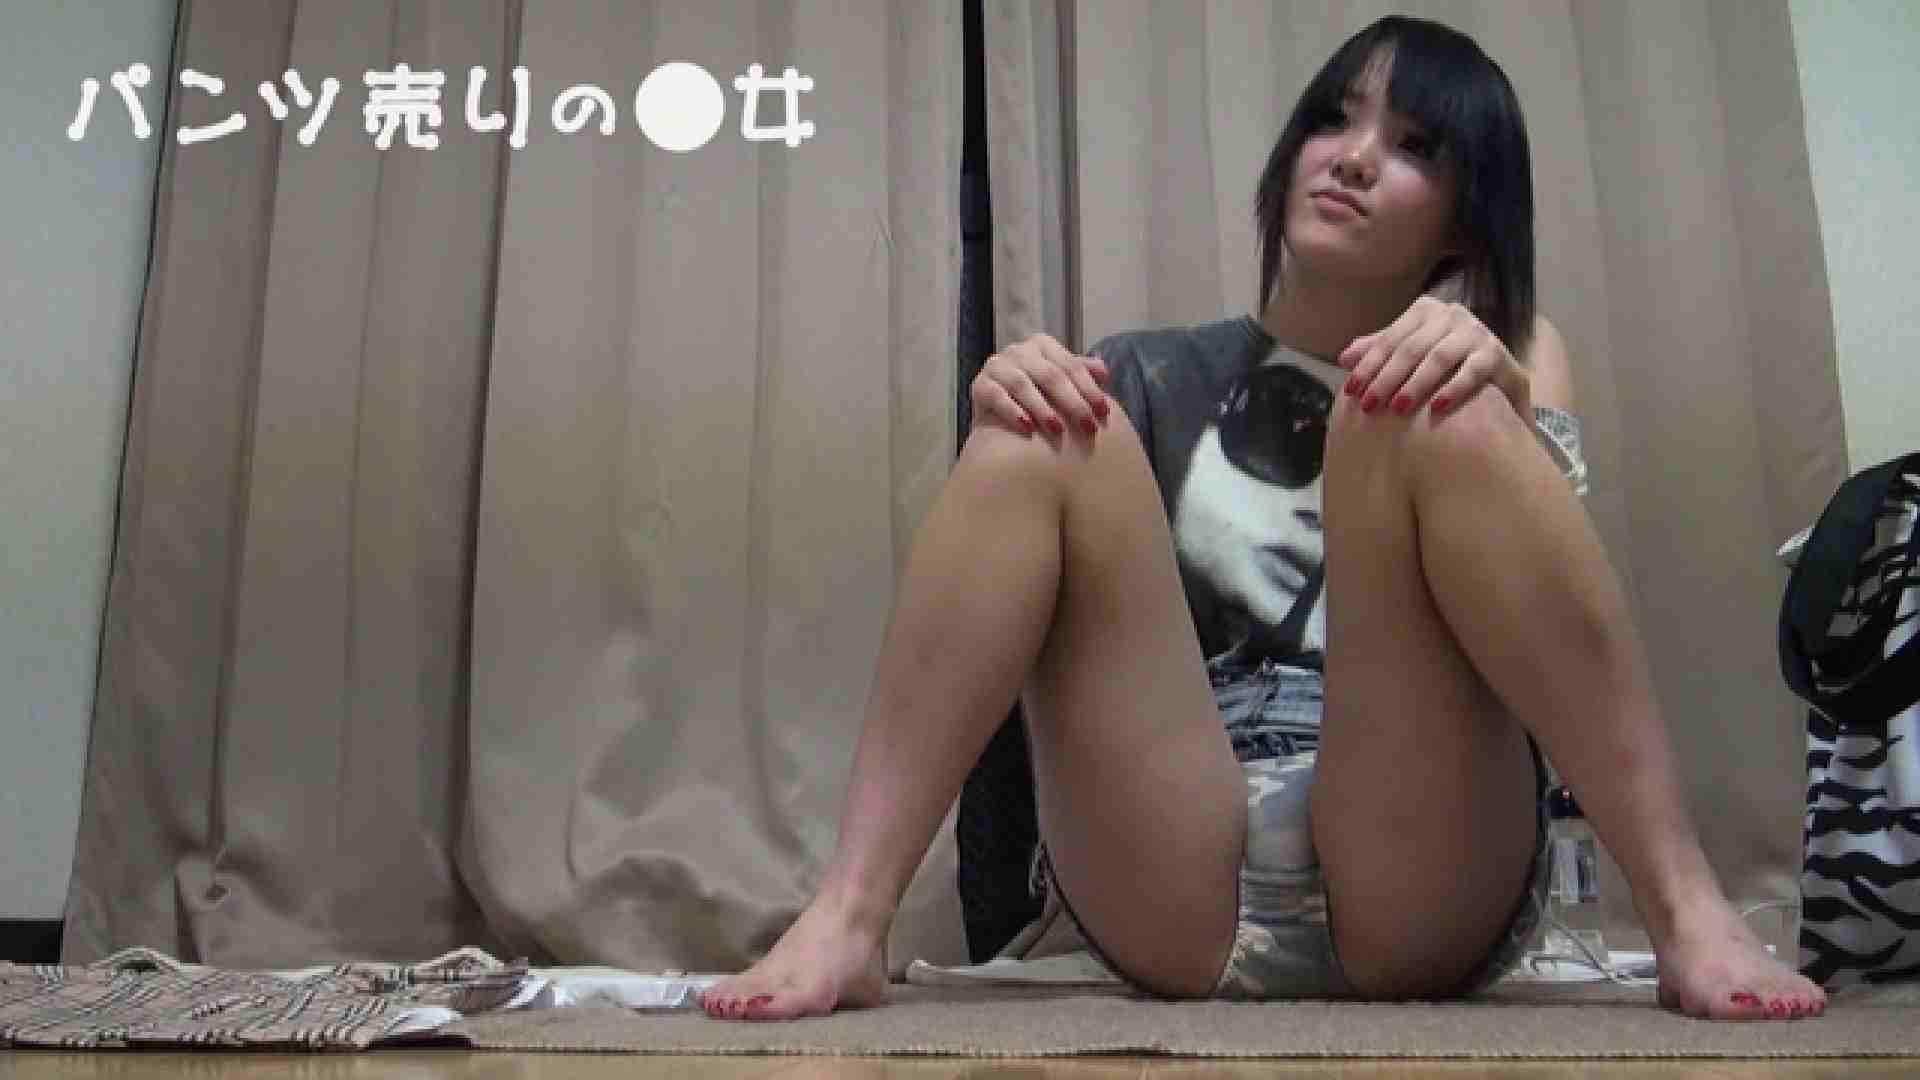 新説 パンツ売りの女の子mizuki02 一般投稿  90pic 12